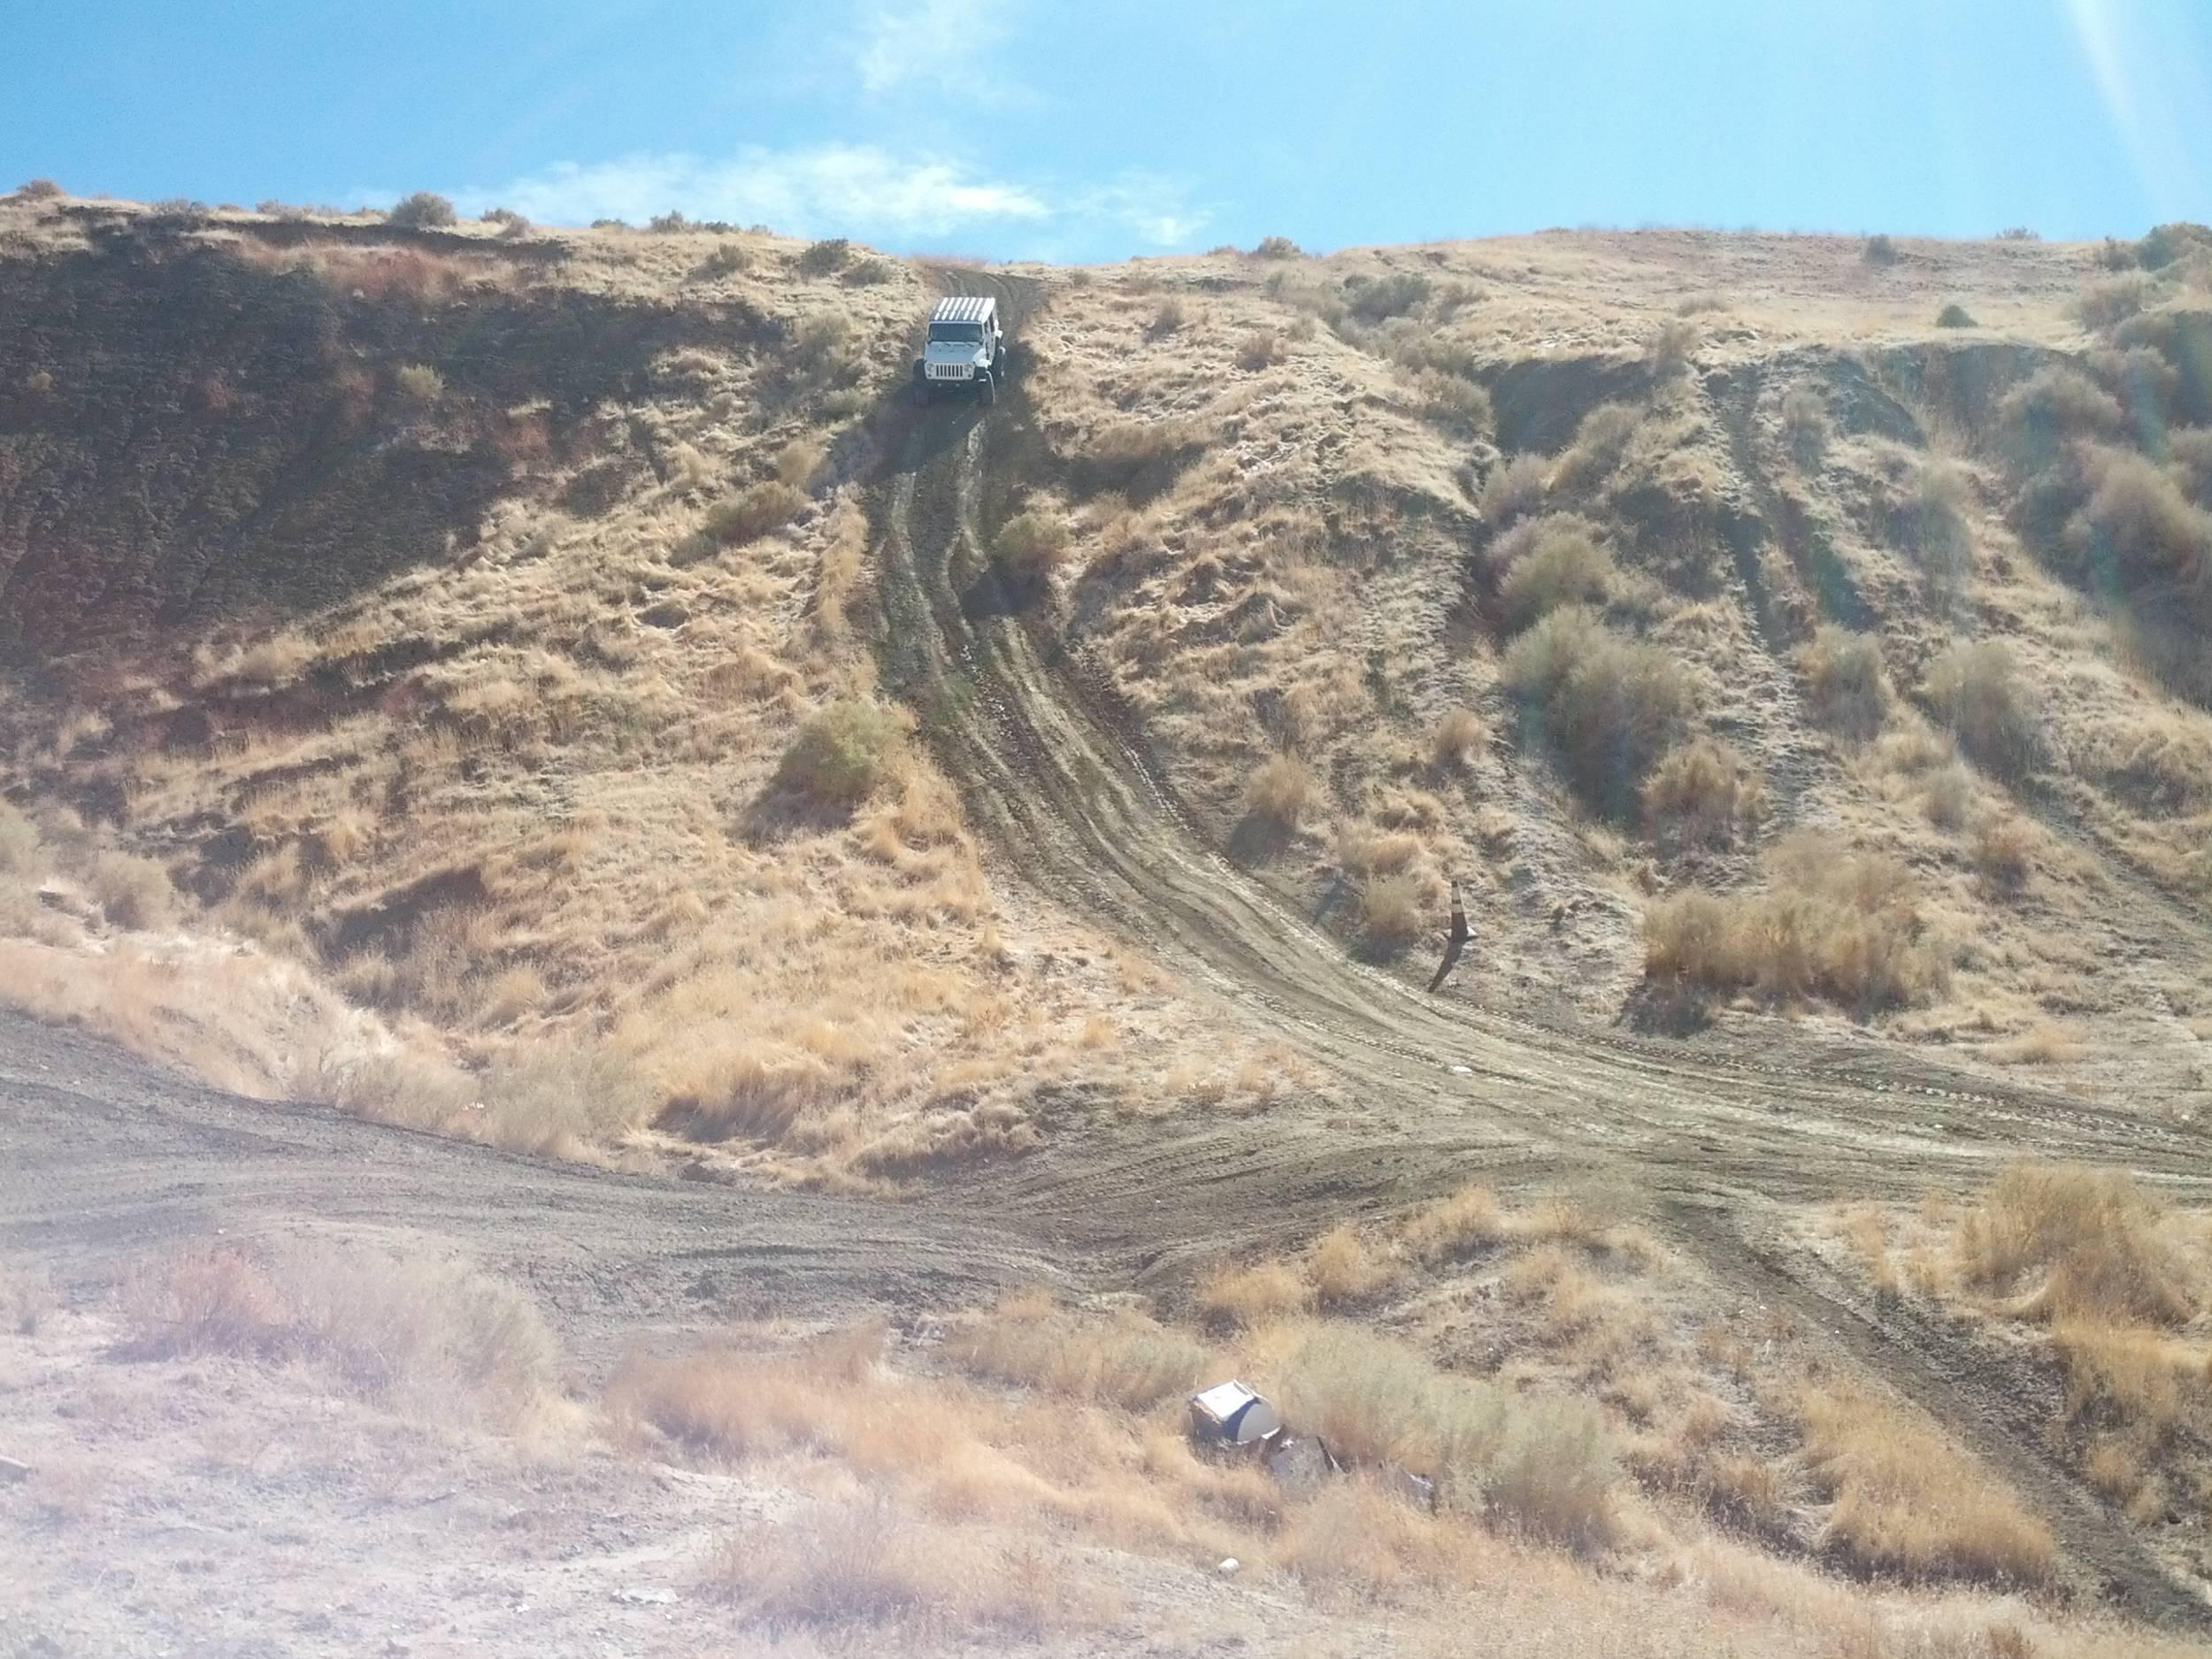 2008 JK, Littlerock Dam, Littlerock, Wrangler